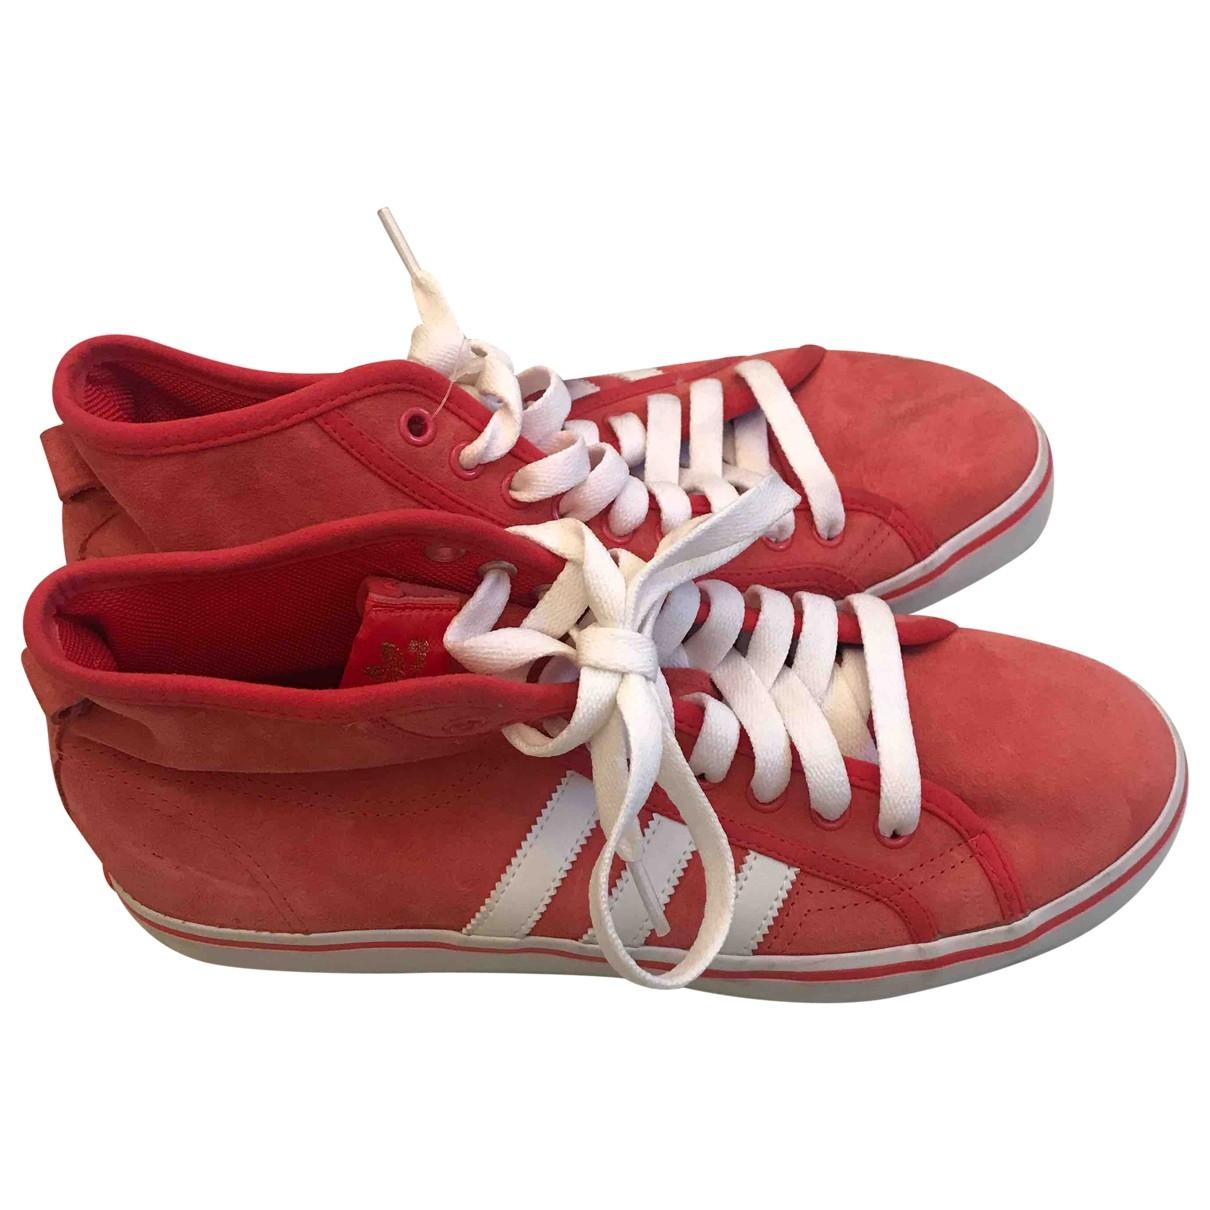 Adidas - Baskets   pour homme en suede - rouge